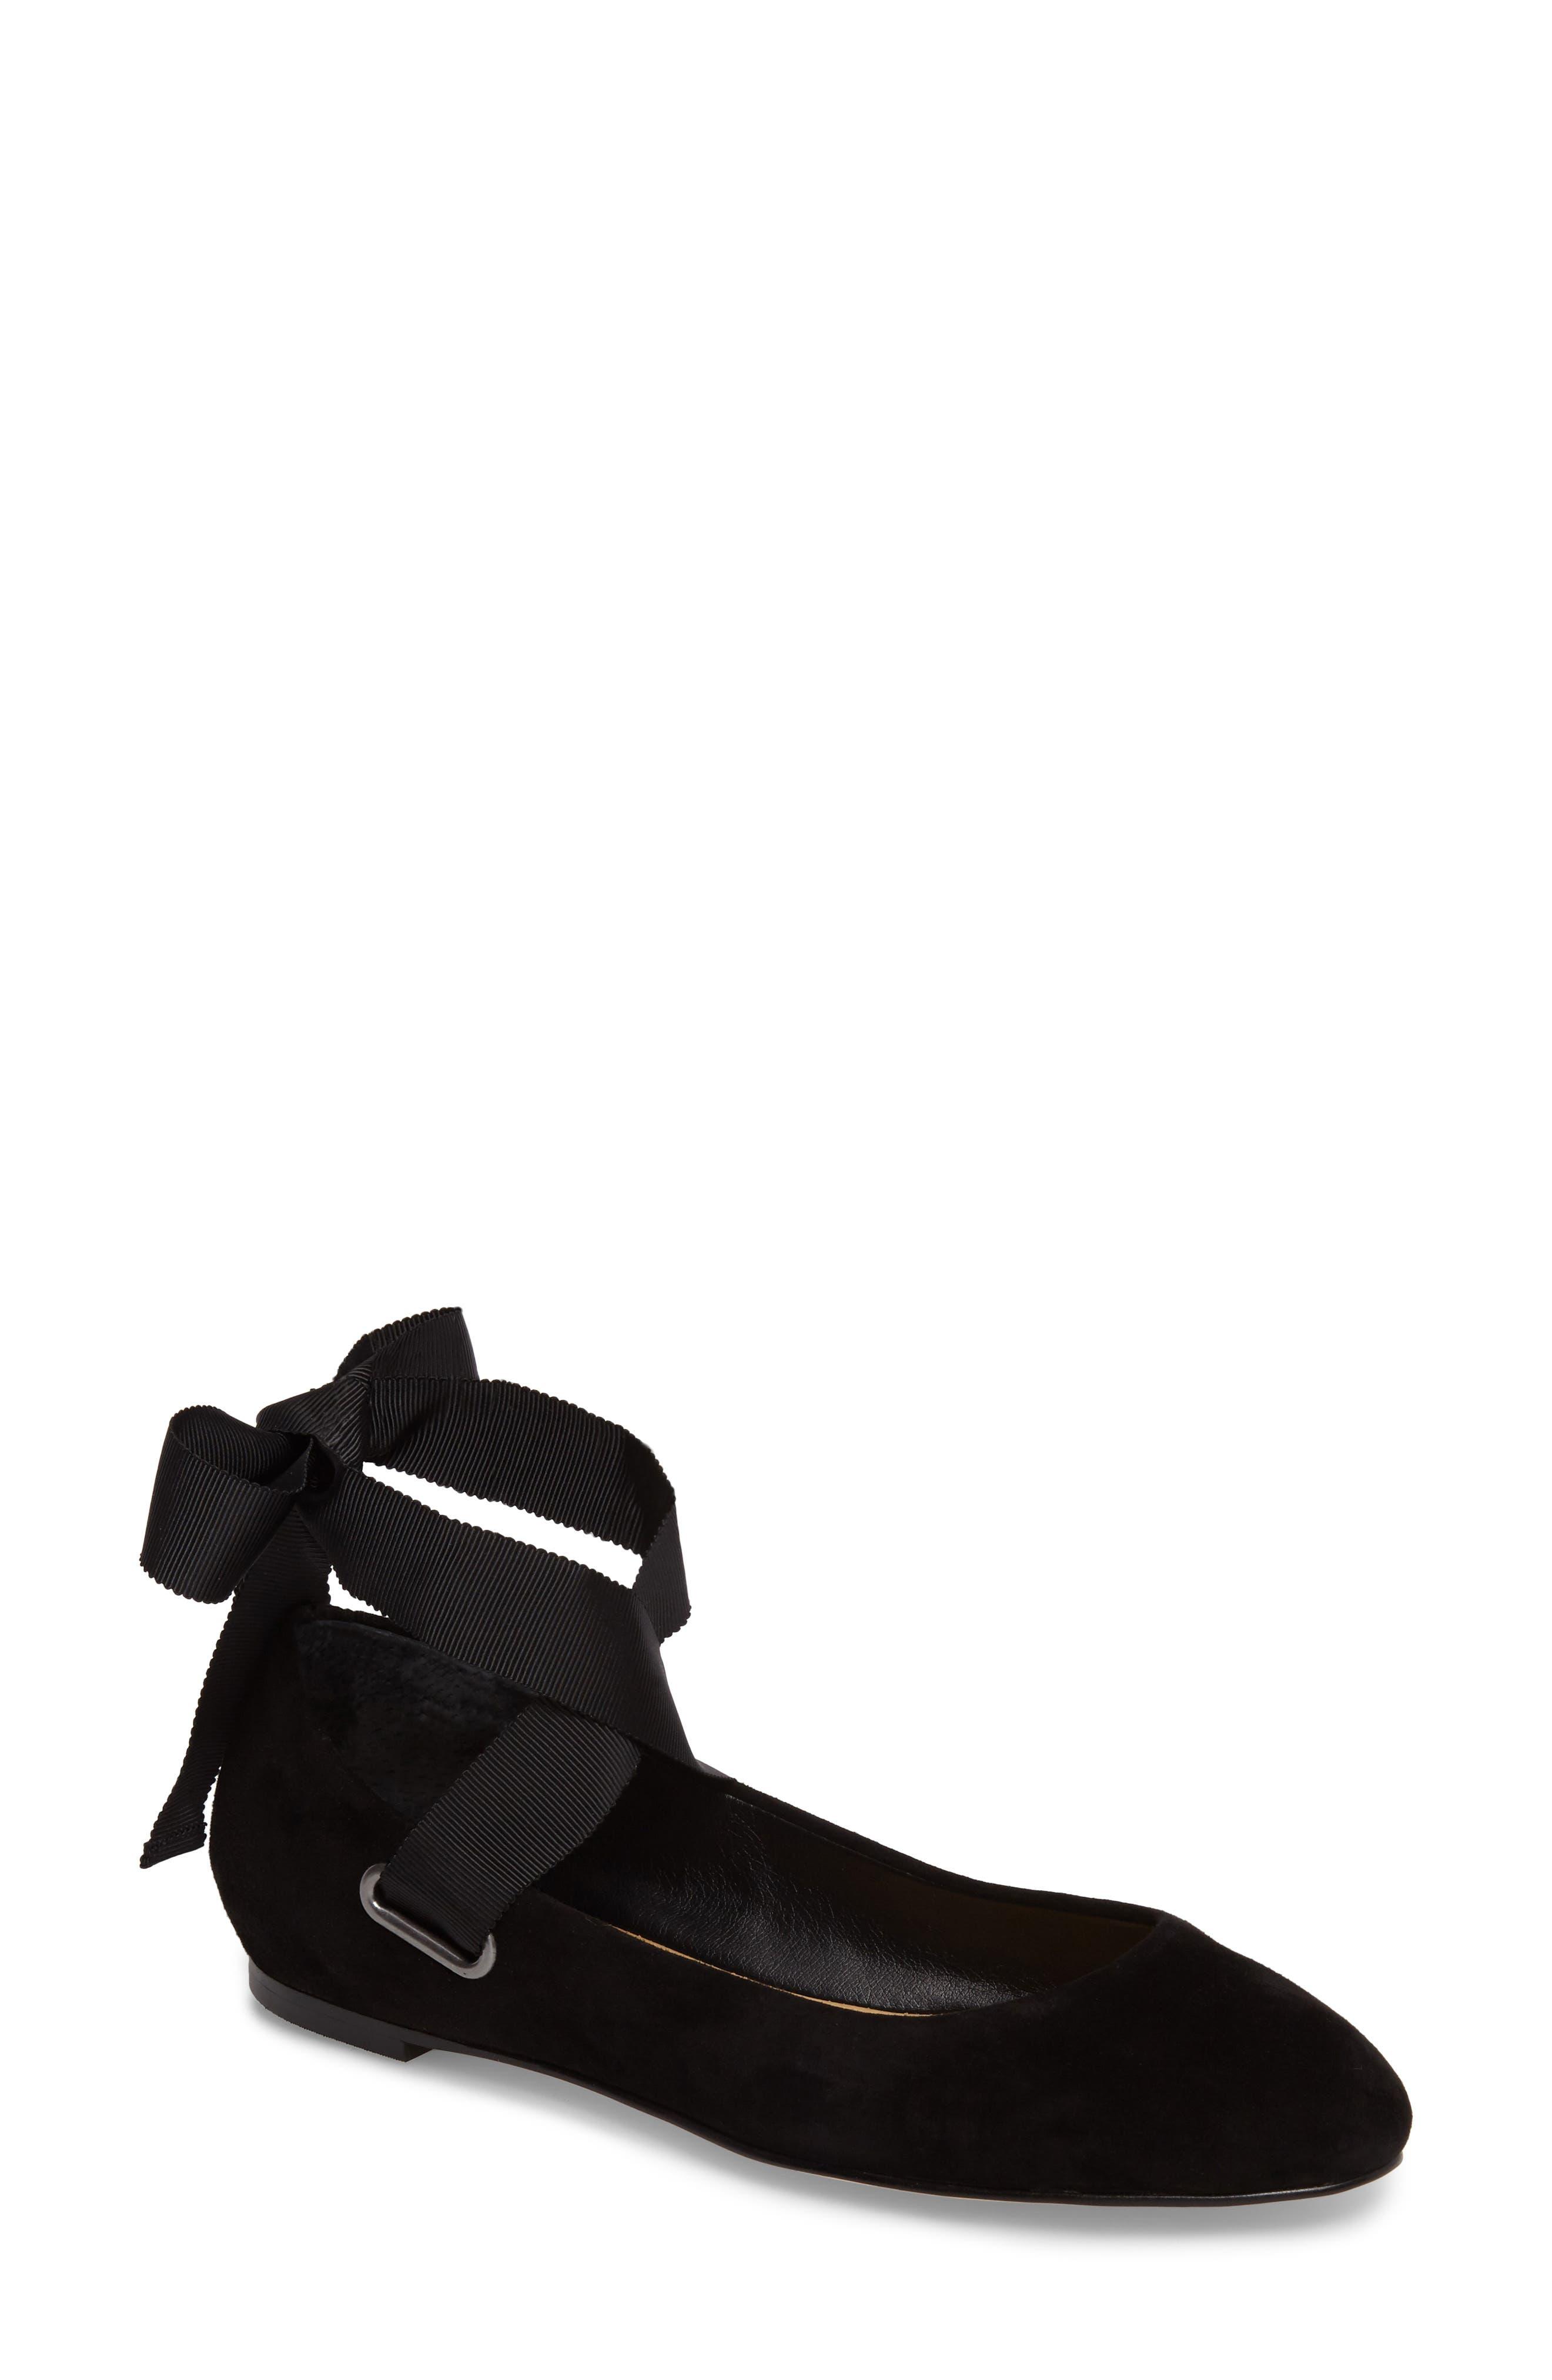 Renee Ankle Tie Flat,                         Main,                         color, Black Suede